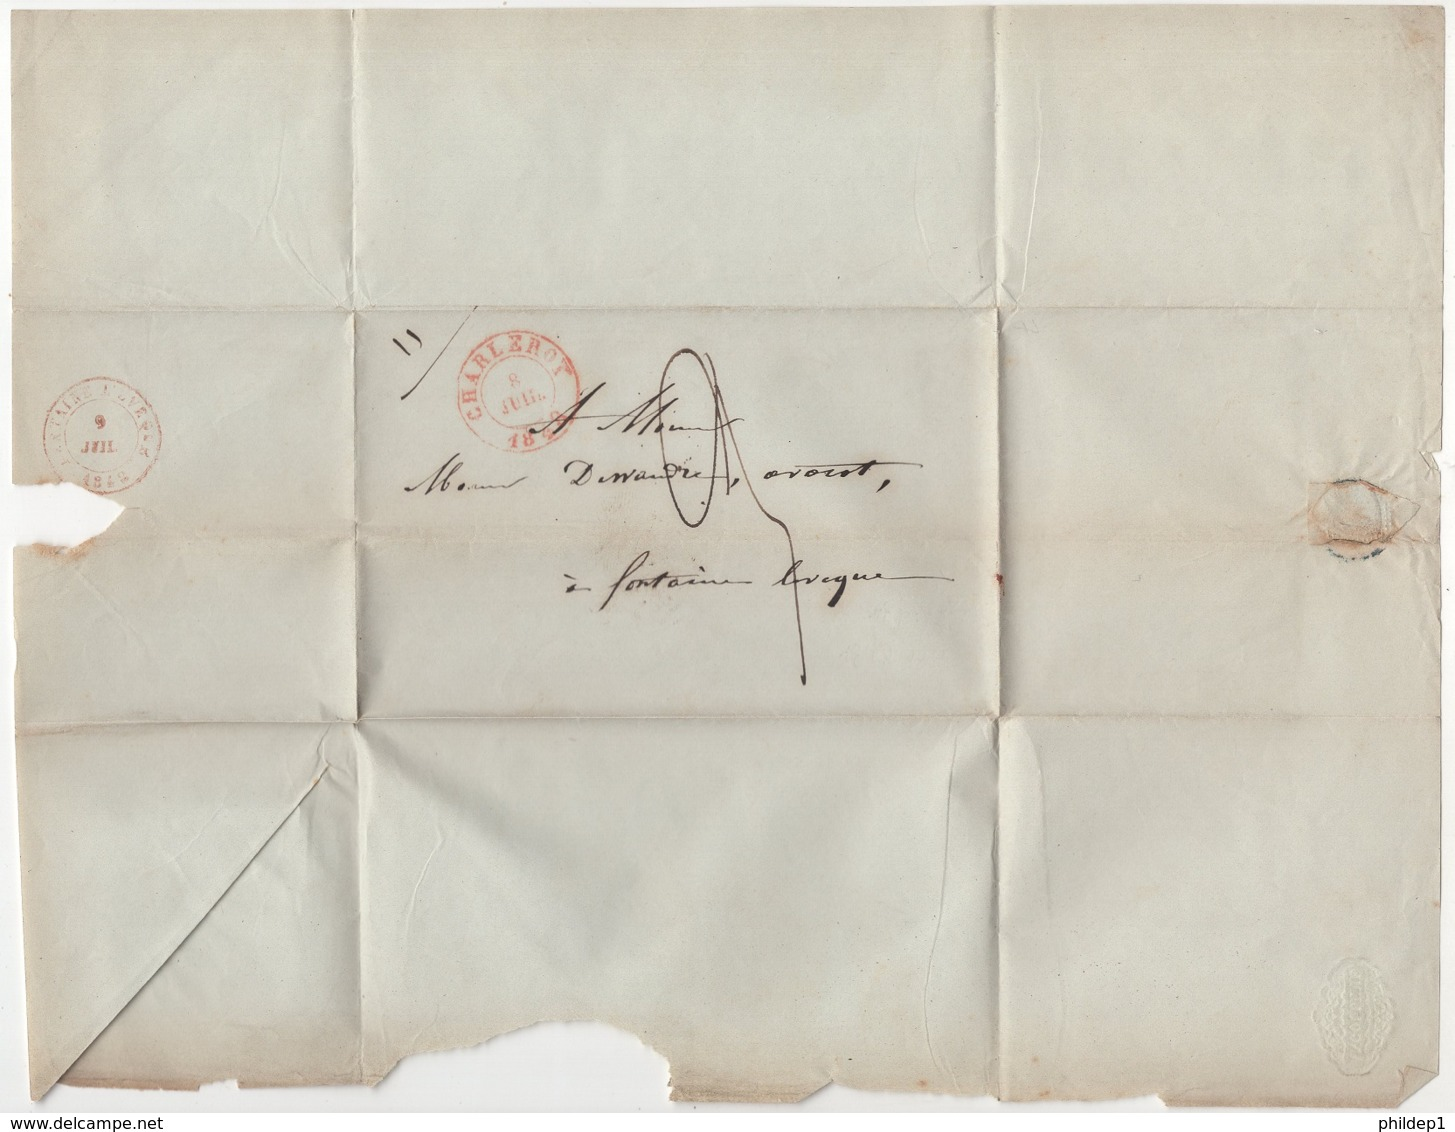 Enveloppe Précurseur Envoyé De Charleroy Vers Fontaine Lévêque En 1848. Je N'y Connais Pas Grand Chose - 1830-1849 (Belgique Indépendante)